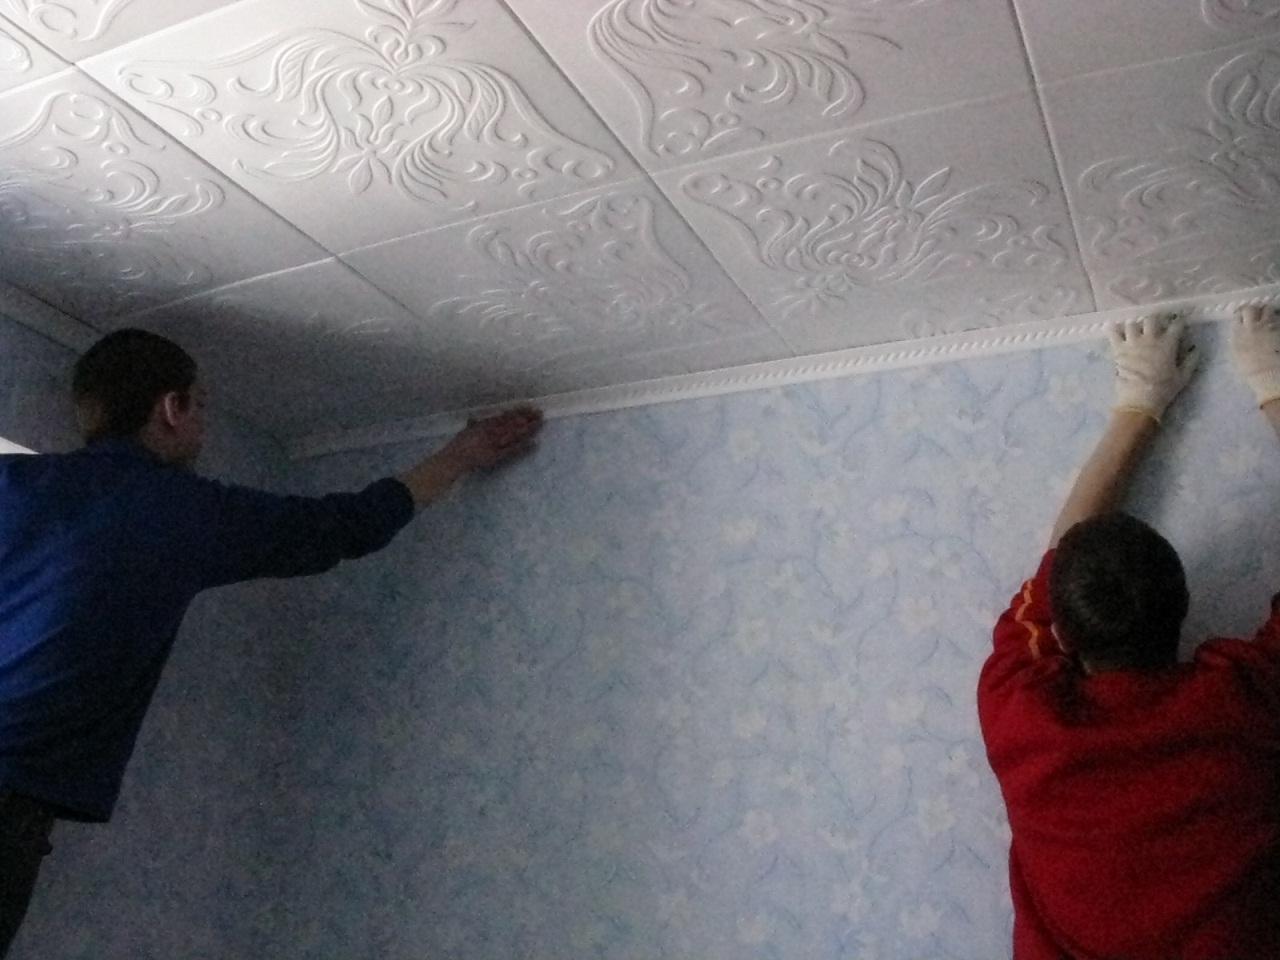 Самолет из потолочной плитки » Сделай сам 25